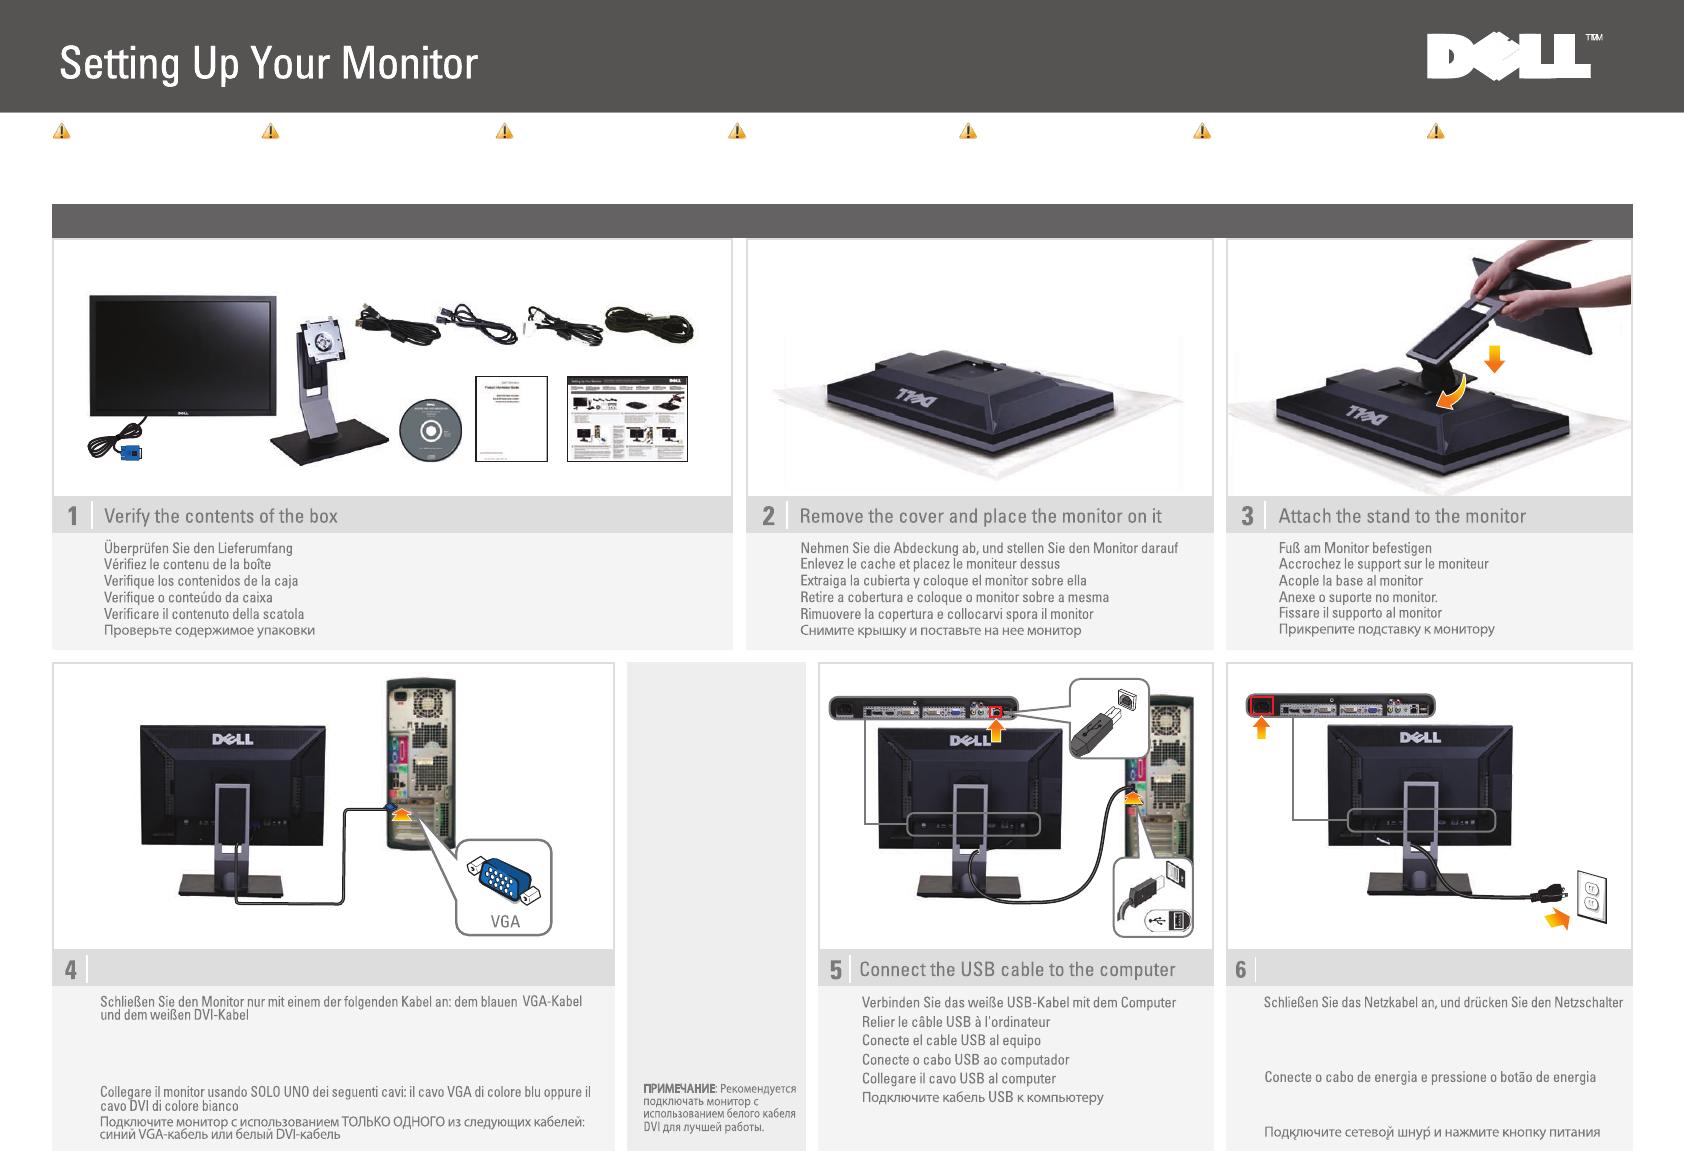 dell computer monitor u2410 user guide manualsonline com rh office manualsonline com Dell U2410 NIT Dell P2214H